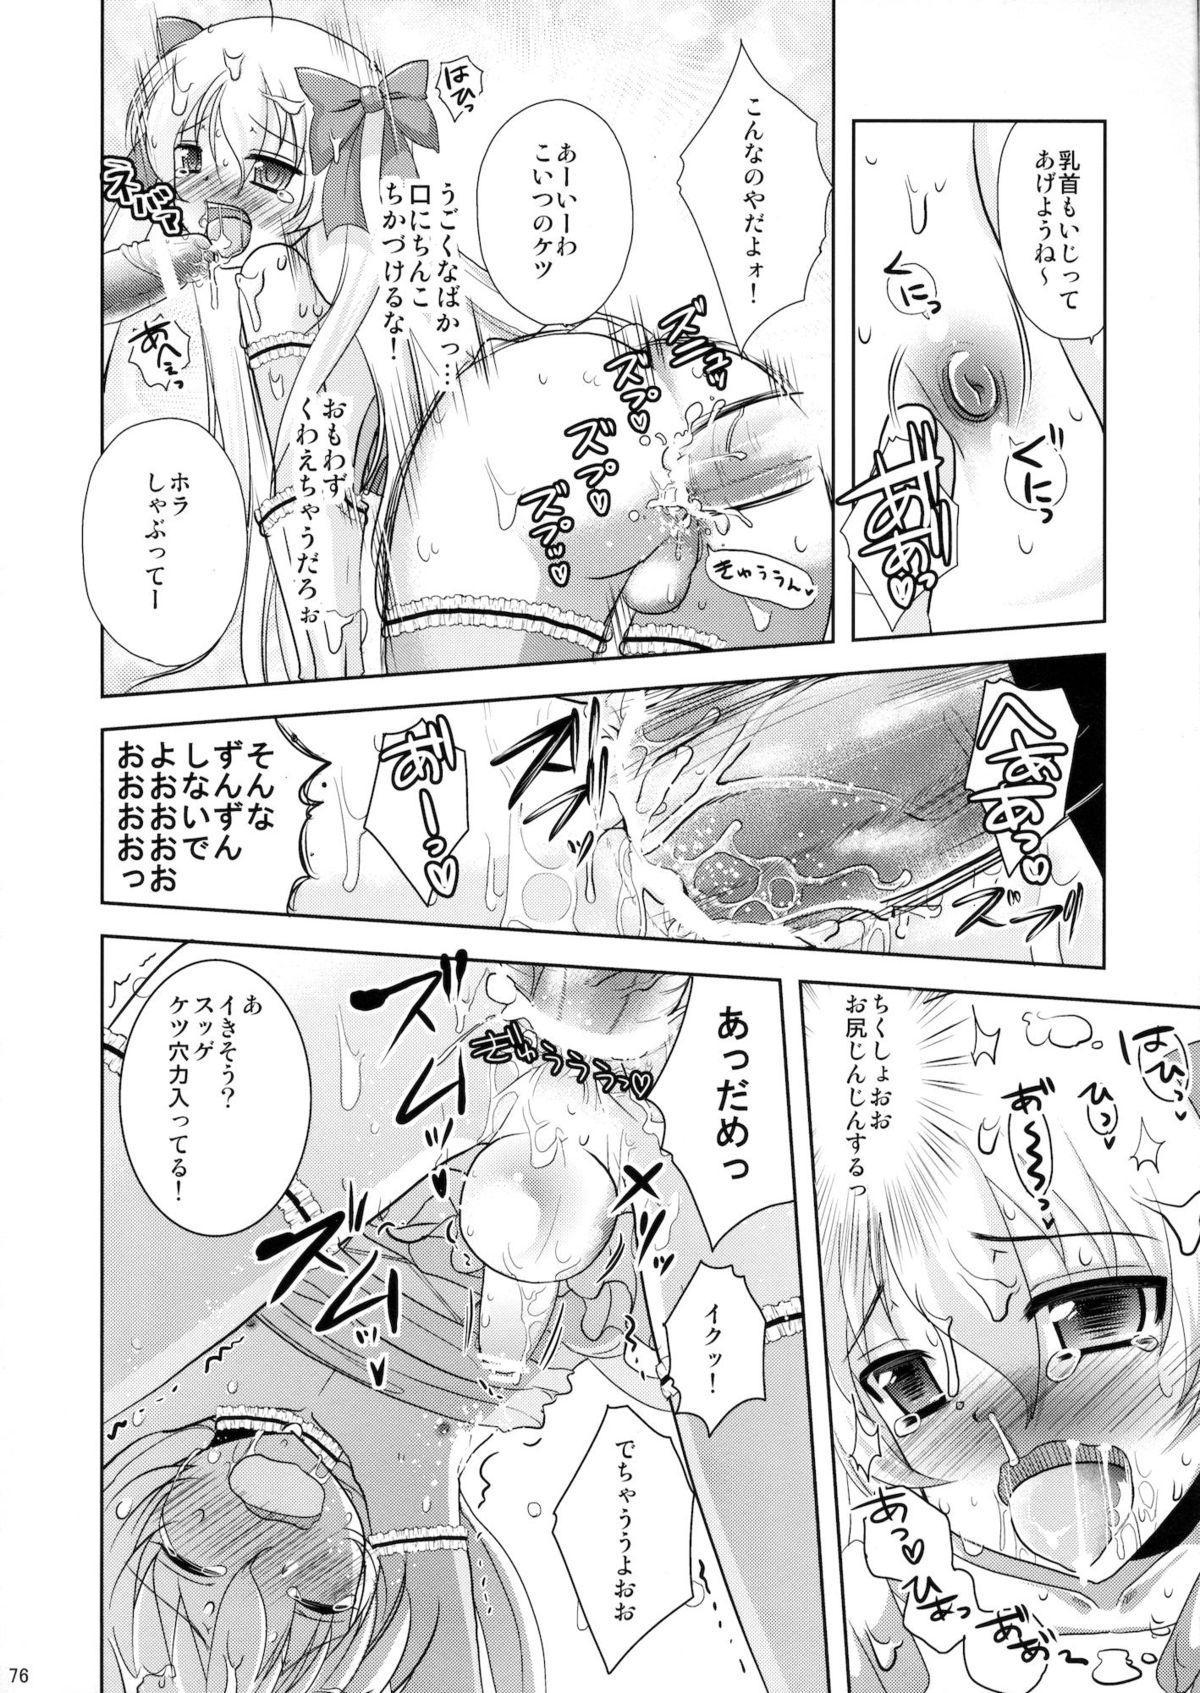 Mahou Shoujo-kei Shounen Soushuuhen + Papa wa Josou Shita Boku ga Suki Mitai 74